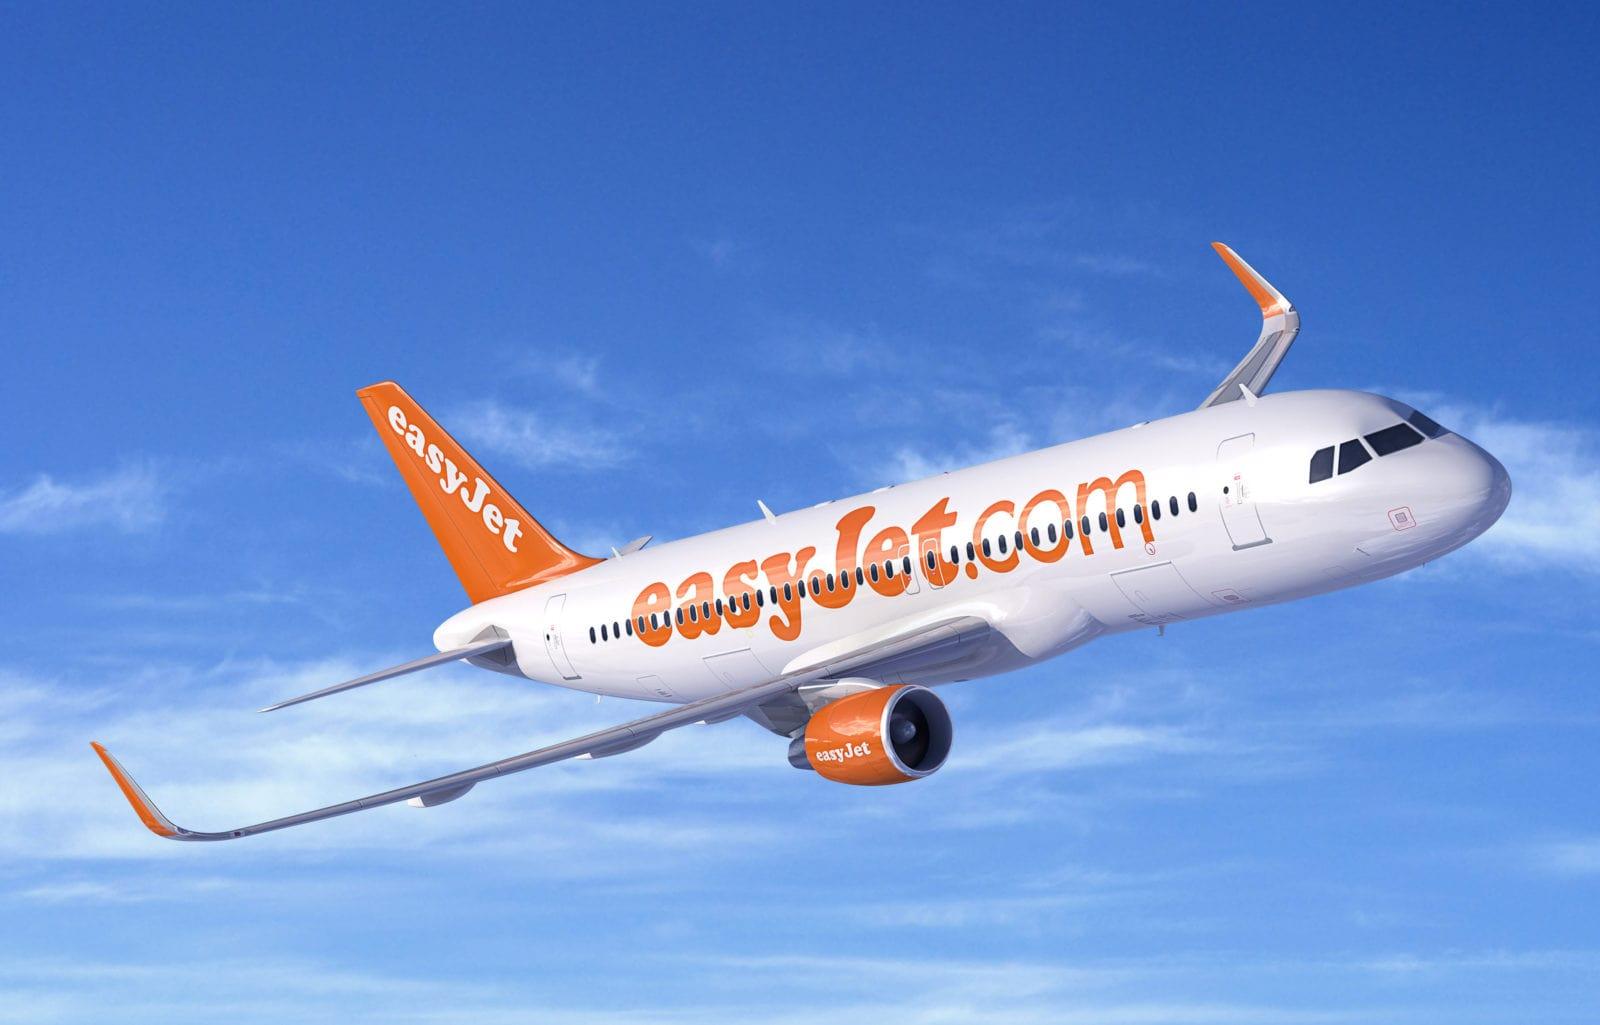 Επανέναρξη μερικών πτήσεων της EasyJet από 15 Ιουνίου